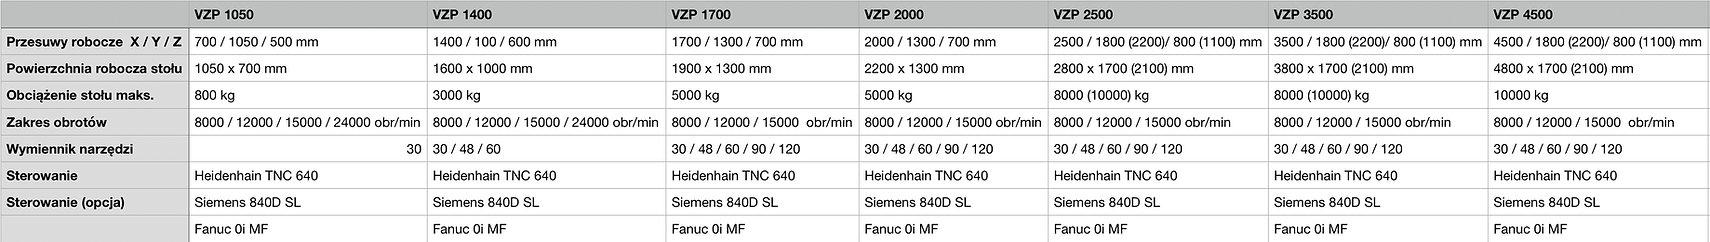 VZP_PL.JPG